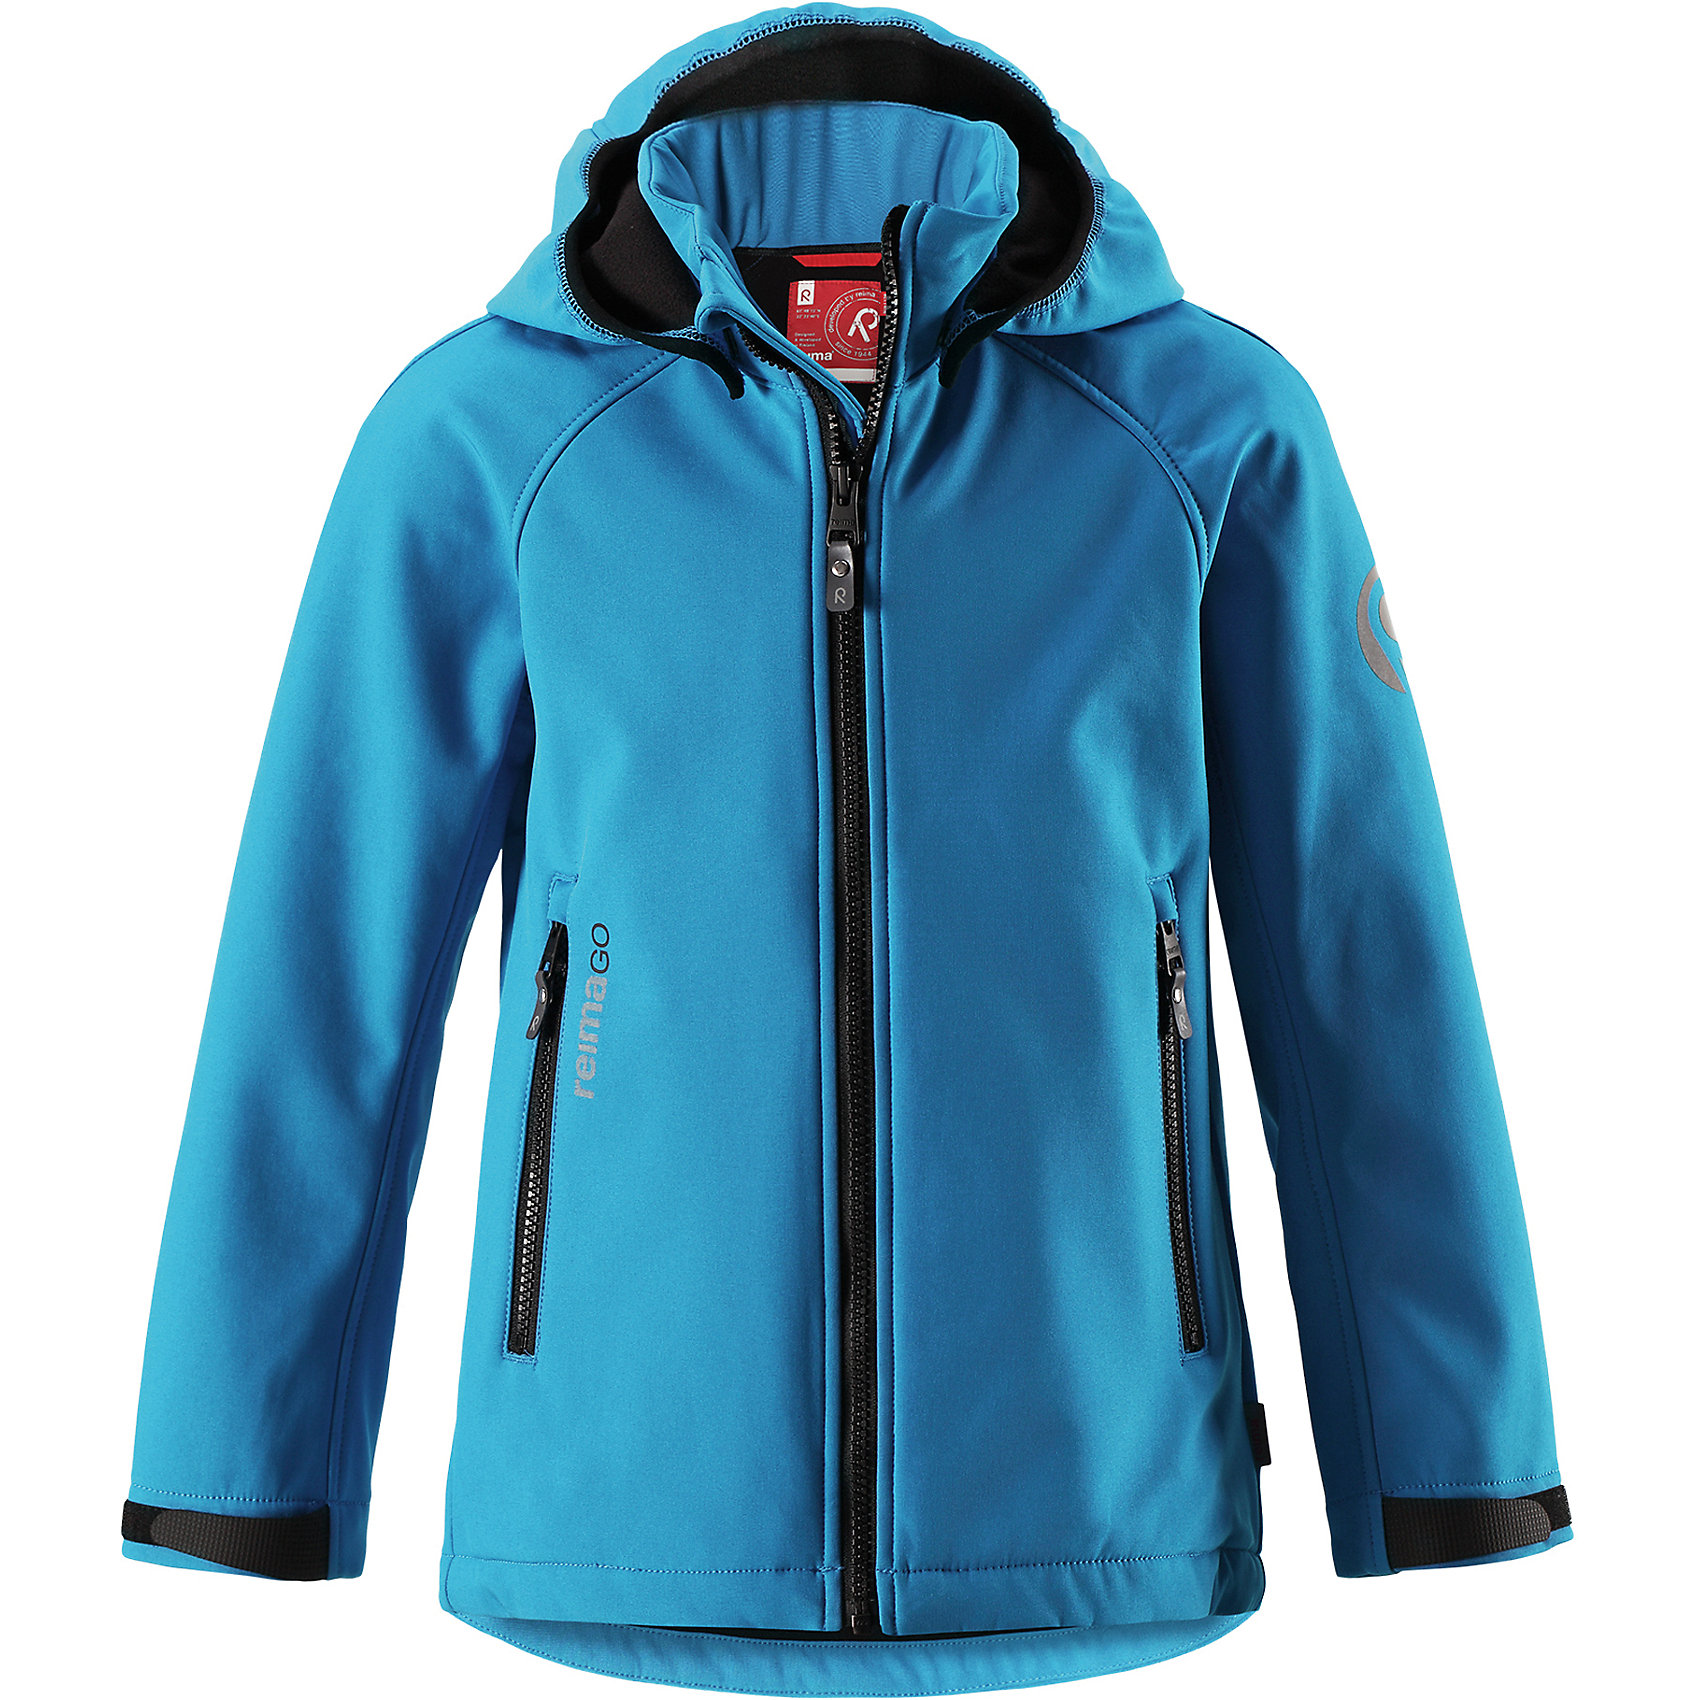 Куртка Reima Zayak для мальчикаФлис и термобелье<br>Характеристики товара:<br><br>• цвет: голубой;<br>• состав: 95% полиэстер, 5% эластан;<br>• подкладка: 100% полиэстер, флис<br>• без дополнительного утепления;<br>• сезон: демисезон;<br>• температурный режим: от 0 до +15С;<br>• водонепроницаемость: 10000 мм;<br>• воздухопроницаемость: 50000 мм;<br>• куртка из материала softshell;<br>• из ветронепроницаемого материала, но изделие дышит;<br>• водоотталкивающий, ветронепроницаемый и дышащий материал;<br>• флис на оборотной стороне;<br>• безопасный, съемный капюшон;<br>• эластичная резинка на кромке капюшона;<br>• регулируемые манжеты на липучке;<br>• регулируемый обхват талии;<br>• два кармана на молнии;<br>• карман с креплением для сенсора ReimaGO®;<br>• светоотражающие детали;<br>• страна бренда: Финляндия;<br>• страна изготовитель: Китай.<br><br>Демисезонная куртка для детей и подростков изготовлена из функционального материала softshell – водоотталкивающего, ветронепроницаемого, и в то же время дышащего. Многослойный материал имеет мягкую флисовую изнанку. Регулируемая талия позволяет отрегулировать эту модель прямого кроя по фигуре, а регулируемые манжеты снабжены застежками на липучке. <br><br>В этой куртке предусмотрено множество практичных деталей: безопасный съемный капюшон м эластичной резинкой по краю, карманы на молнии и светоотражающие элементы – отличный выбор, куда бы вы не пошли. Сенсор ReimaGO будет надежно закреплен на месте благодаря специальным кнопкам.<br><br>Куртку Zayak для мальчика Reima от финского бренда Reima (Рейма) можно купить в нашем интернет-магазине.<br><br>Ширина мм: 356<br>Глубина мм: 10<br>Высота мм: 245<br>Вес г: 519<br>Цвет: синий<br>Возраст от месяцев: 156<br>Возраст до месяцев: 168<br>Пол: Мужской<br>Возраст: Детский<br>Размер: 164,104,110,116,122,128,134,140,146,152,158<br>SKU: 6902908